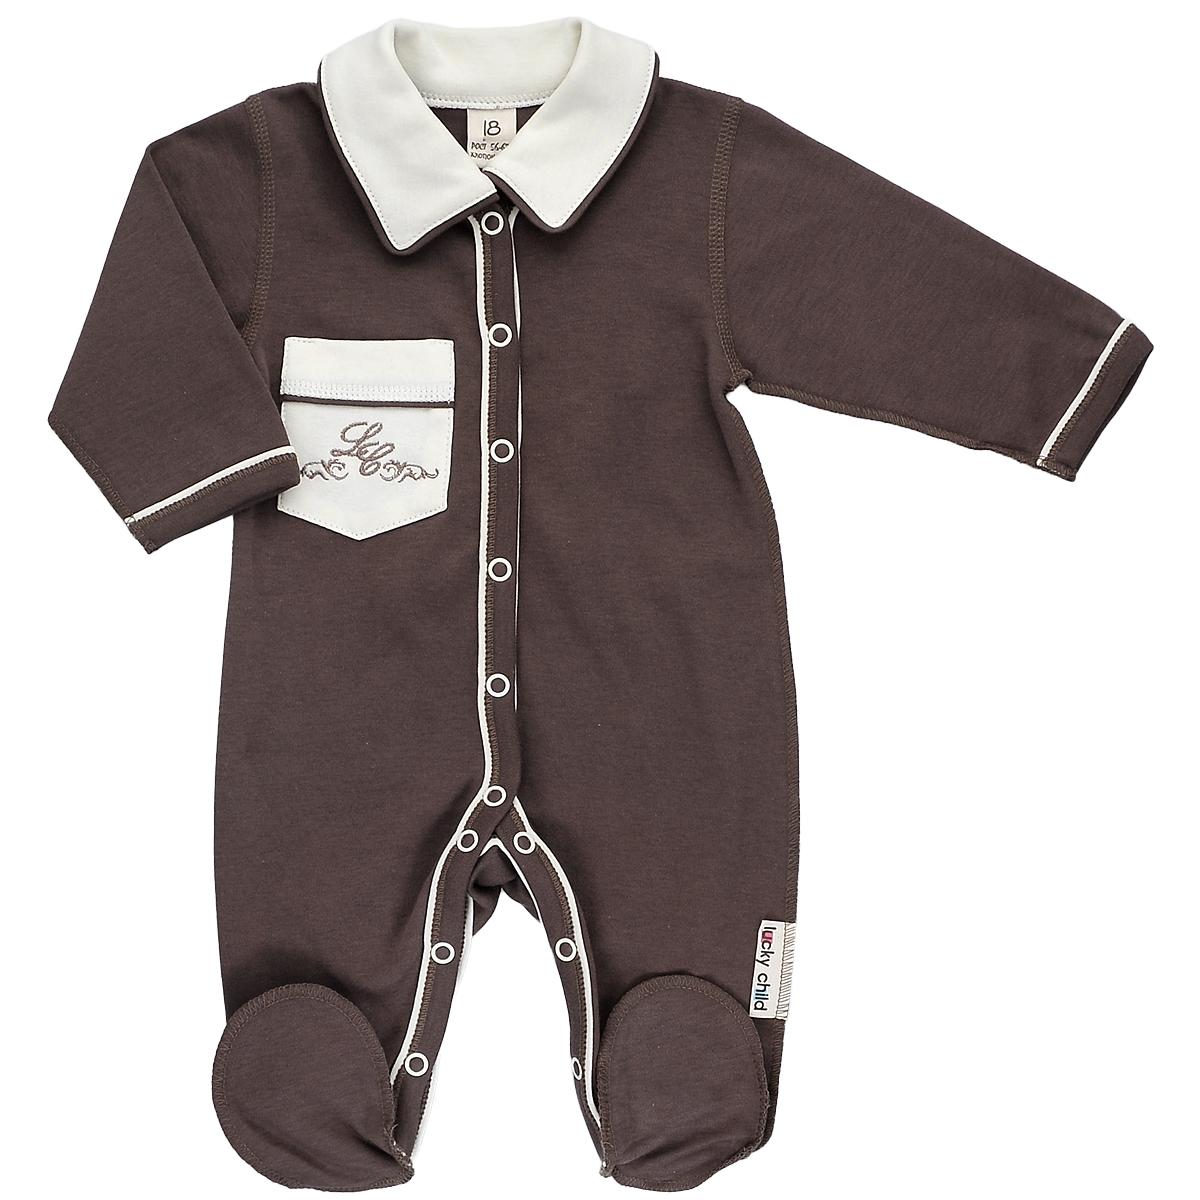 Комбинезон для мальчика Lucky Child, цвет: кофейный. 20-1. Размер 68/7420-1Детский комбинезон Lucky Child - очень удобный и практичный вид одежды для малышей. Комбинезон выполнен из натурального хлопка, благодаря чему он необычайно мягкий и приятный на ощупь, не раздражает нежную кожу ребенка и хорошо вентилируется, а плоские швы приятны телу ребенка и не препятствуют его движениям.Комбинезон с длинными рукавами, отложным воротничком и закрытыми ножками, выполнен швами наружу. Он застегивается на кнопки от горловины до щиколоток, благодаря чему переодеть младенца или сменить подгузник будет легко.Низ рукавов и планка с кнопками дополнены контрастными вставками. Спереди на комбинезоне имеется накладной кармашек, декорированный вышивкой. Воротник выполнен в контрастном цвете.С детским комбинезоном спинка и ножки вашего ребенка всегда будут в тепле, он идеален для использования днем и незаменим ночью. Комбинезон полностью соответствует особенностям жизни младенца в ранний период, не стесняя и не ограничивая его в движениях!